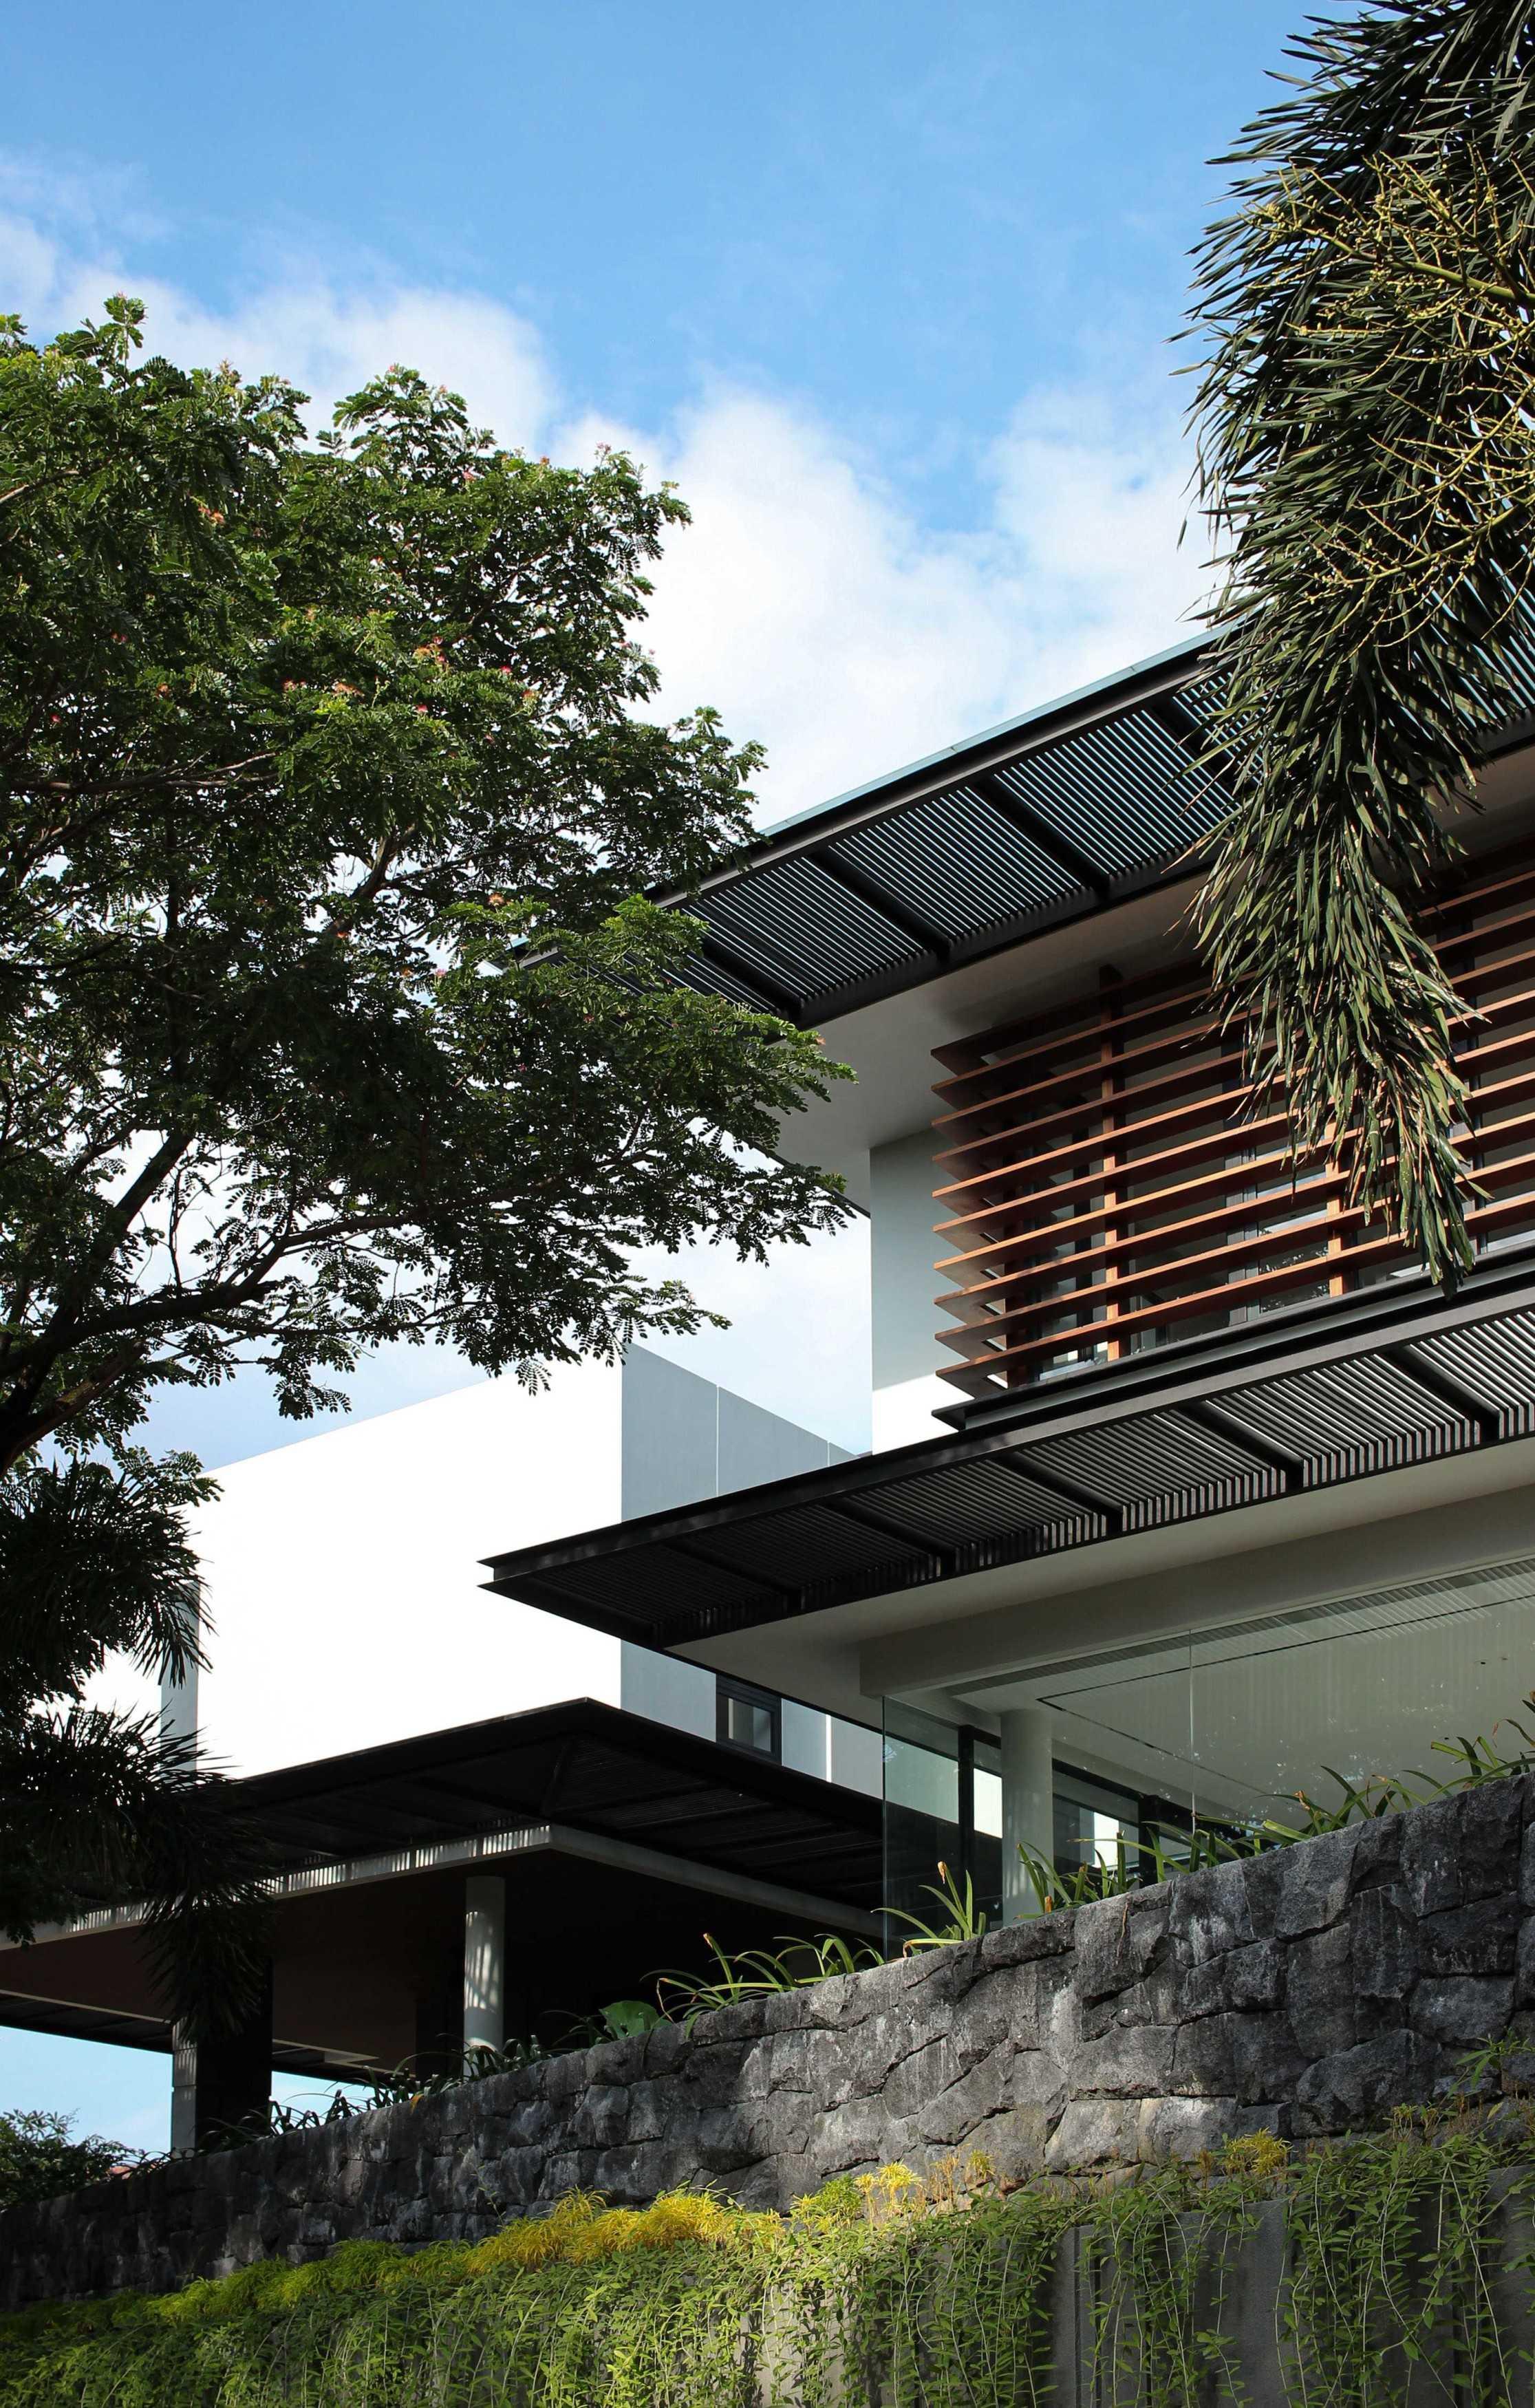 Y0 Design Architect R House Jeruk, Kec. Lakarsantri, Kota Sby, Jawa Timur 60212, Indonesia Jeruk, Kec. Lakarsantri, Kota Sby, Jawa Timur 60212, Indonesia Yohanes-Iswara-Limandjaya-R-House   121007